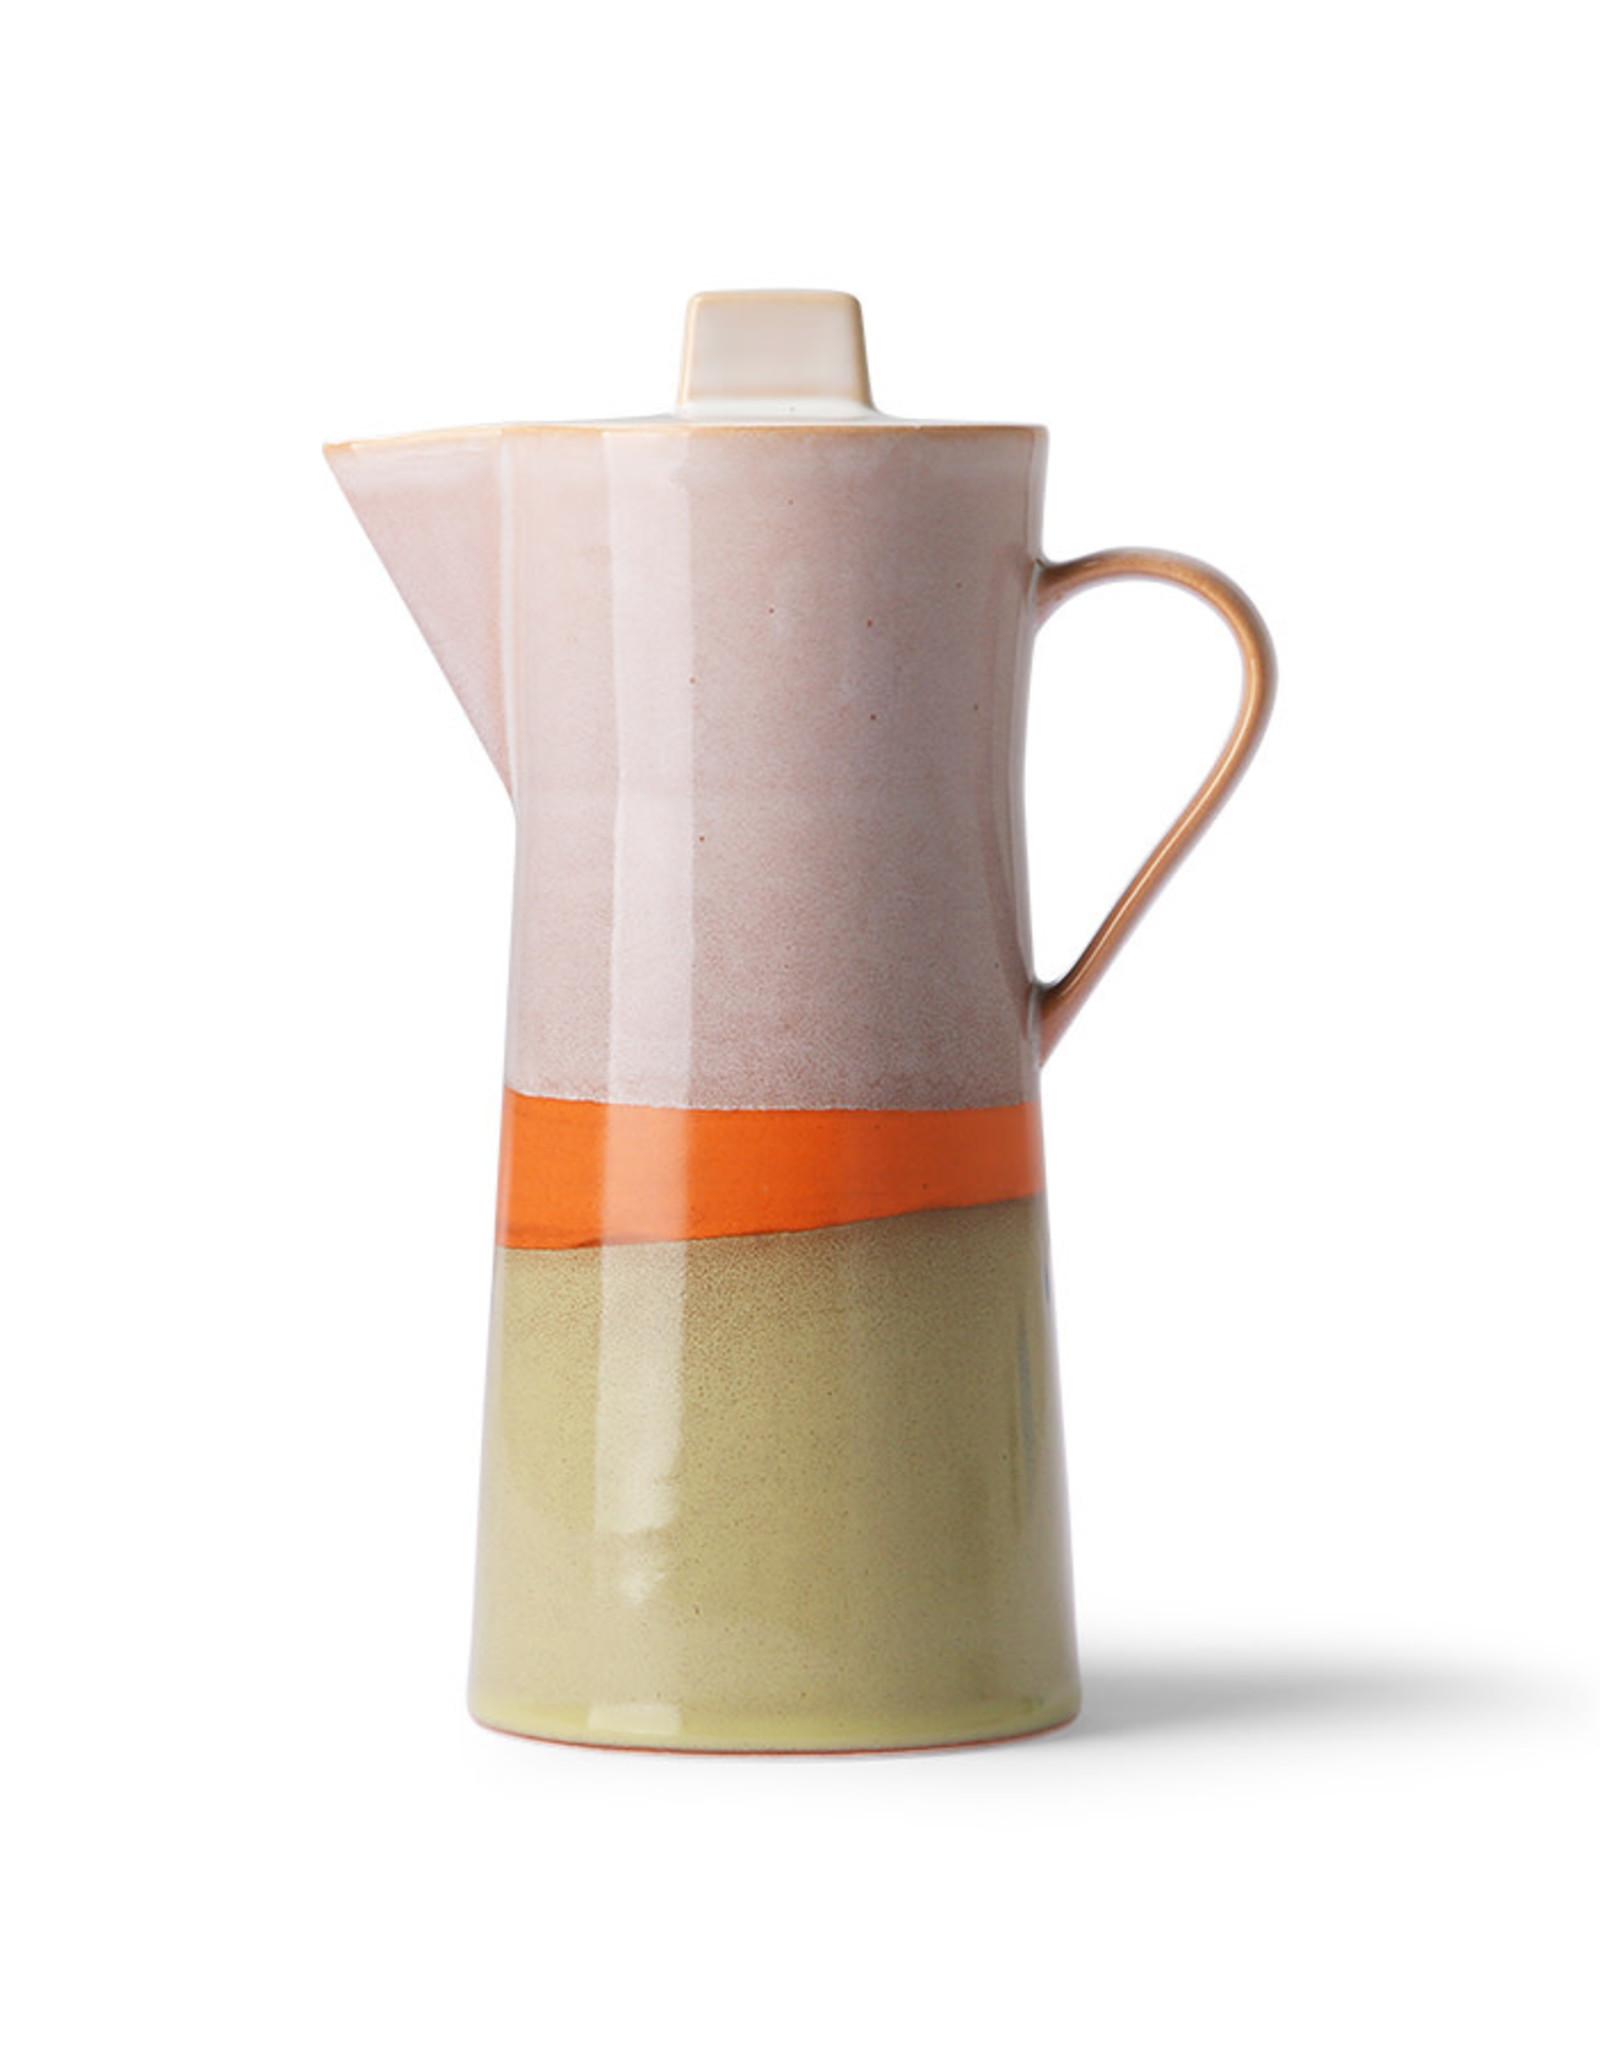 HKliving HKliving 70's Ceramic's Coffee pot